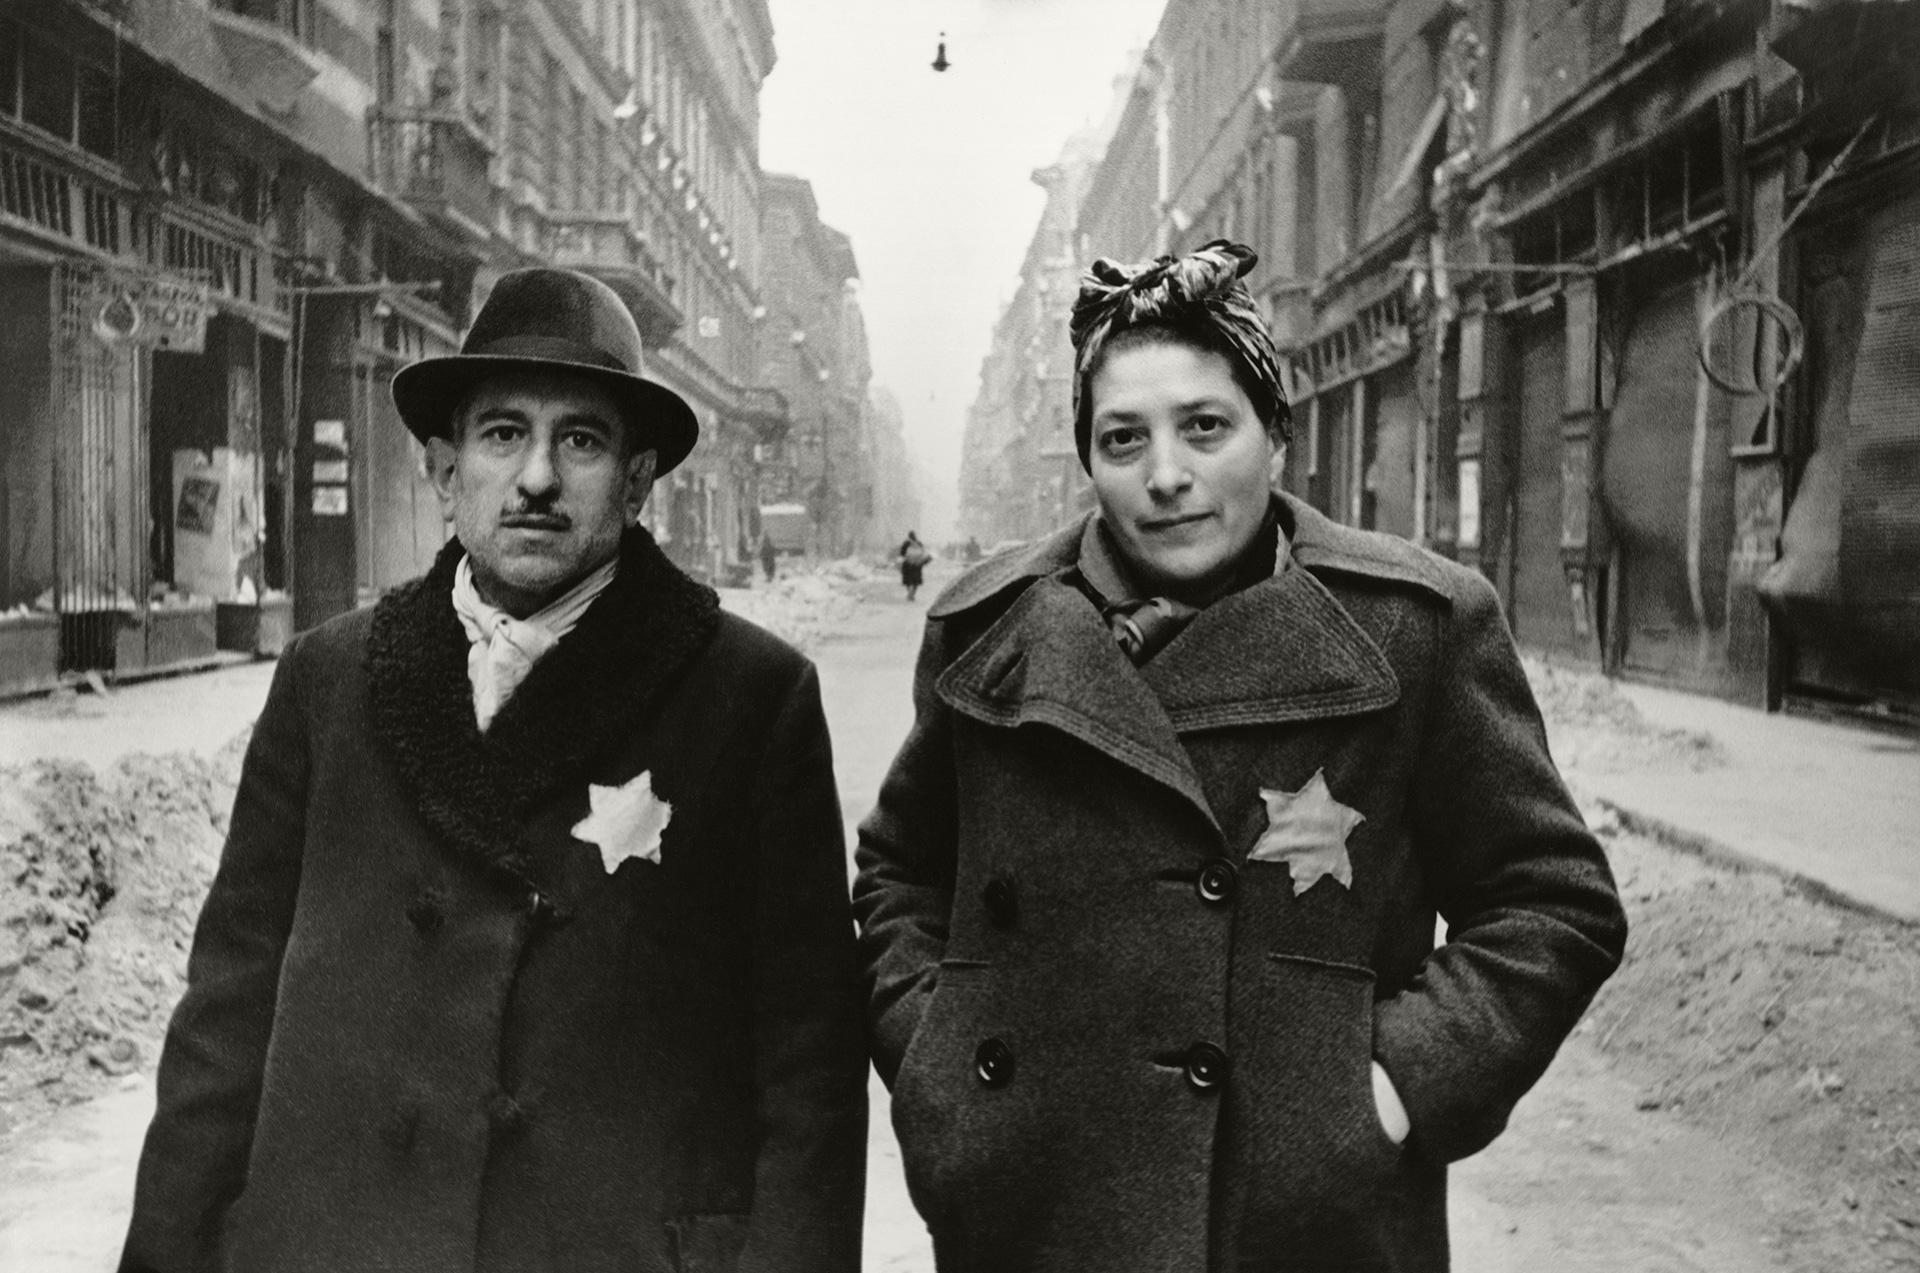 МАММ выложил в онлайн 75 видео и 25 выставок о Второй мировой войне